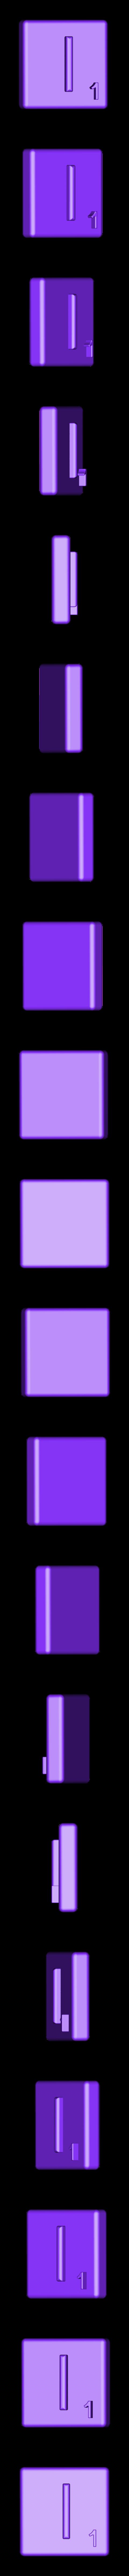 Single_Extruded_I.STL Télécharger fichier STL gratuit Pièces et support SCRABBBLE • Design pour imprimante 3D, Balkhagal4D